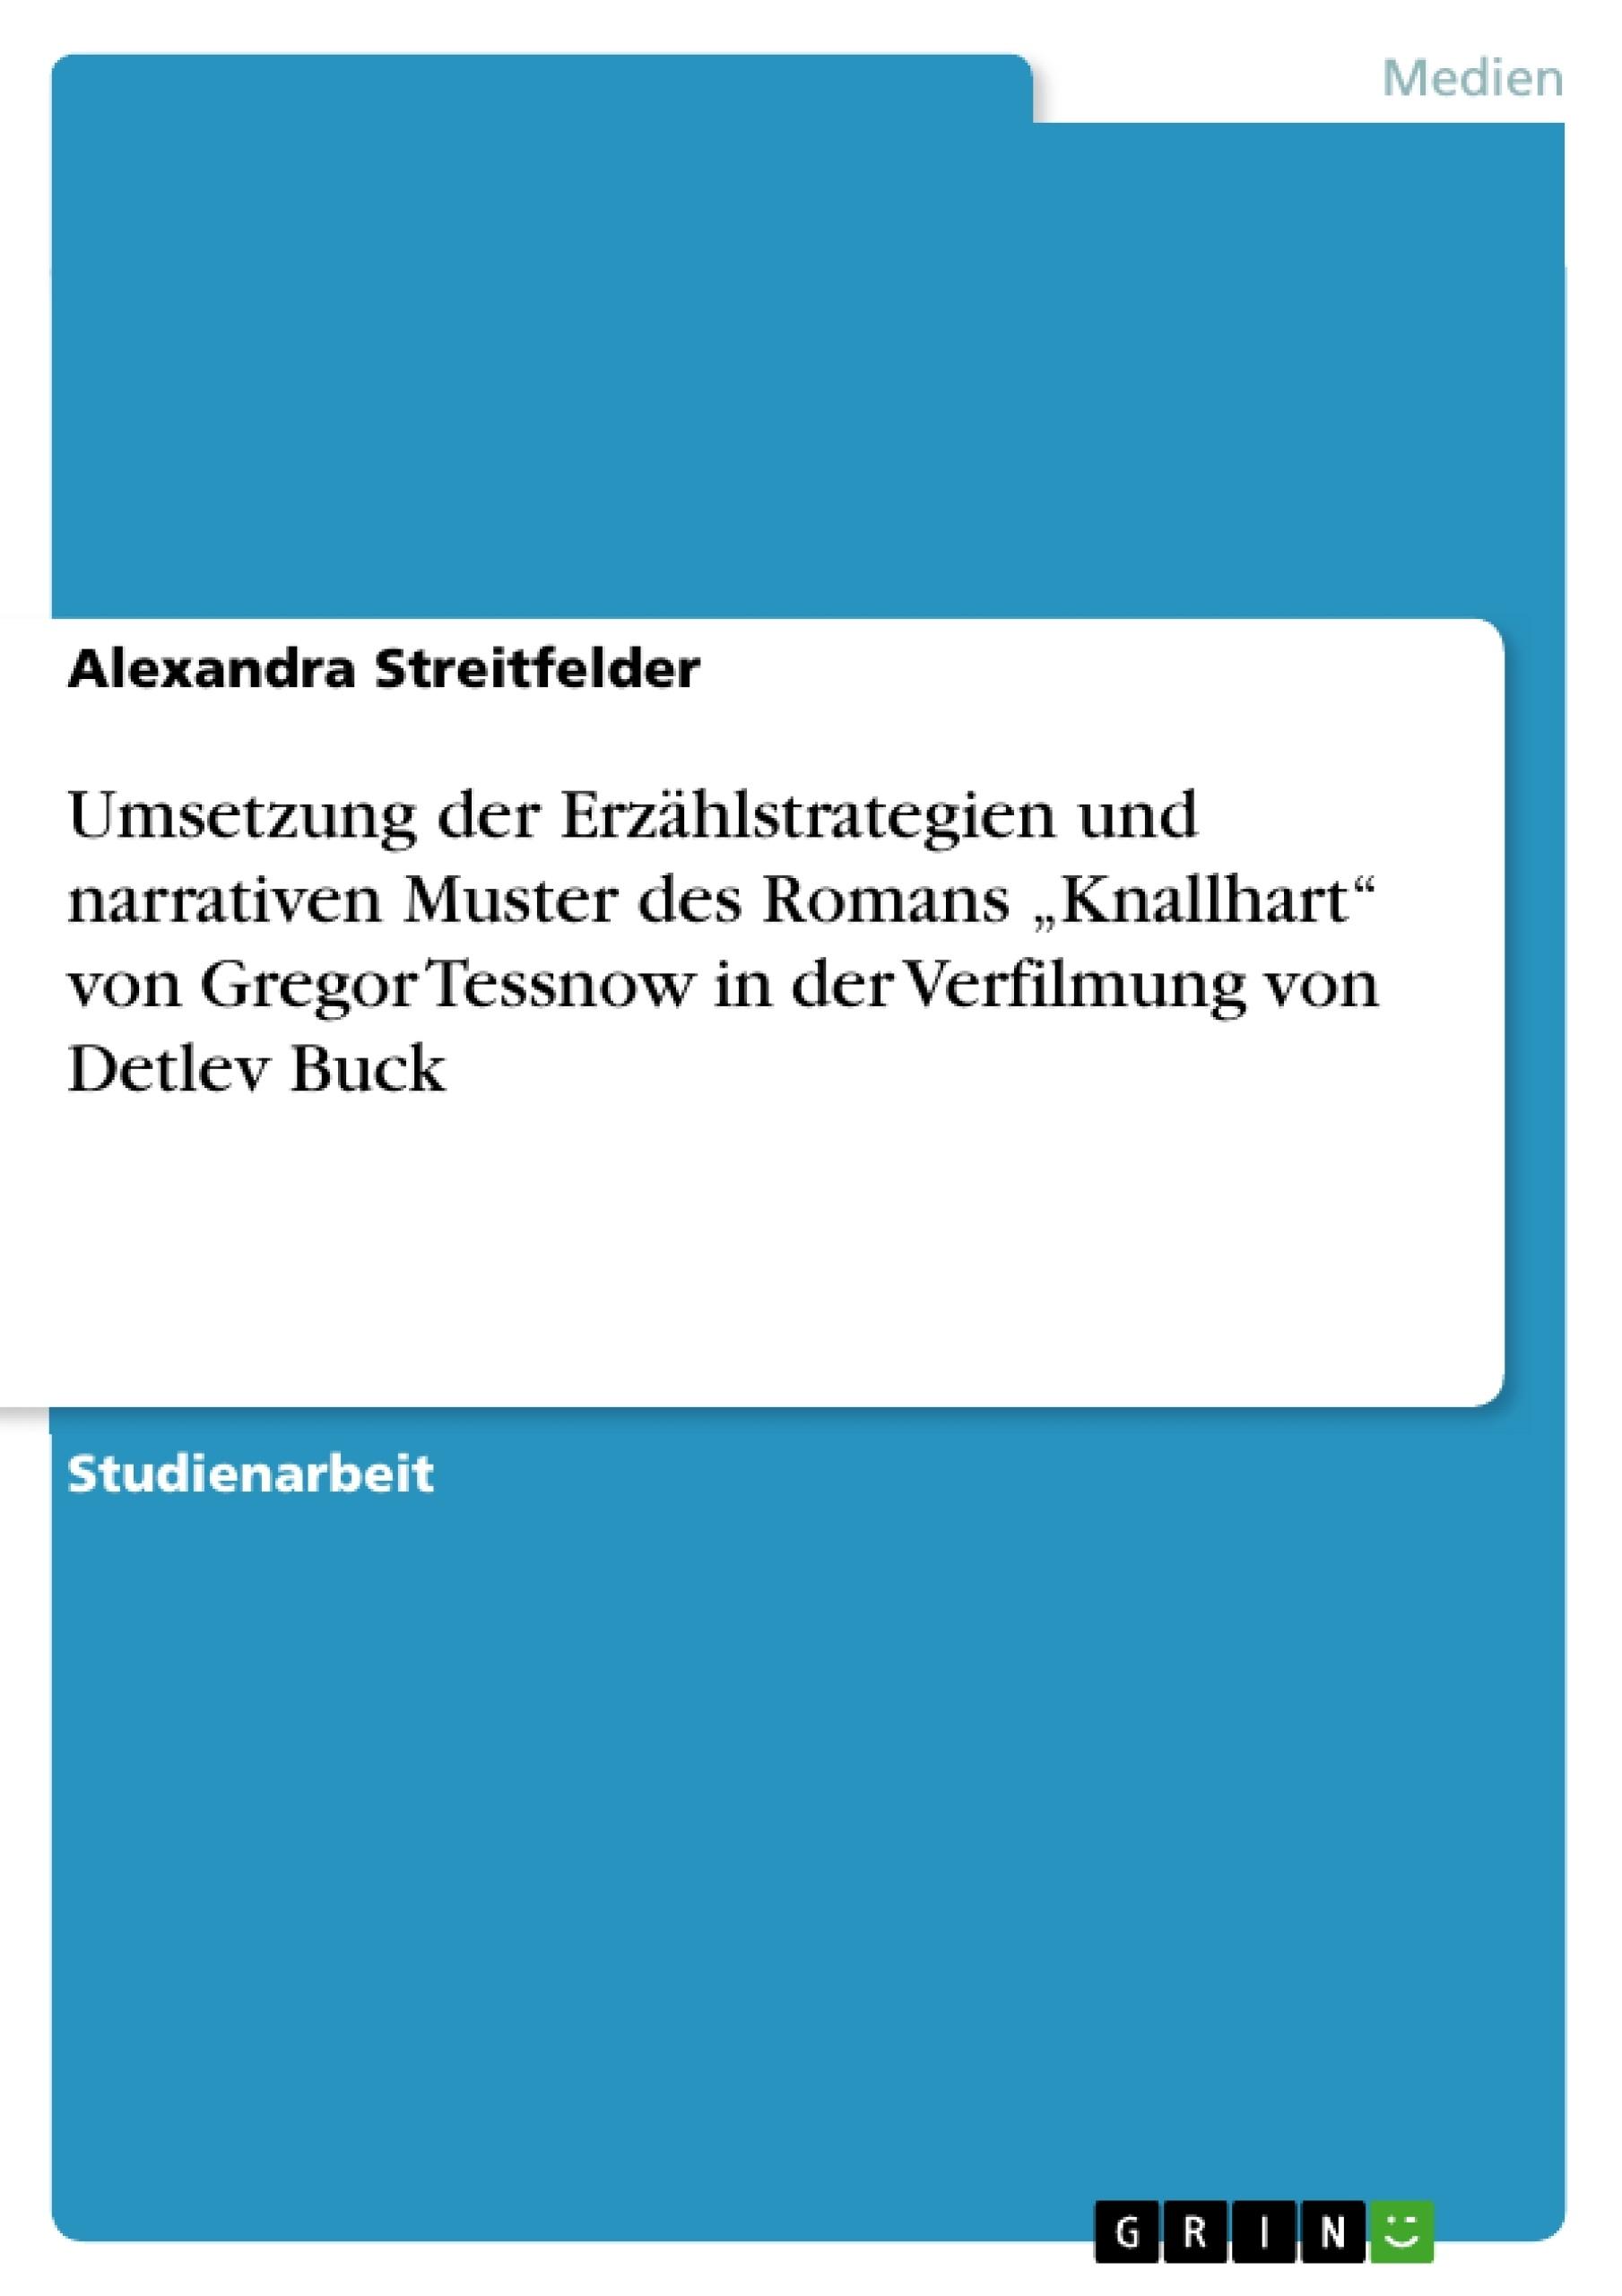 Umsetzung der Erzählstrategien und narrativen Muster des Romans ...